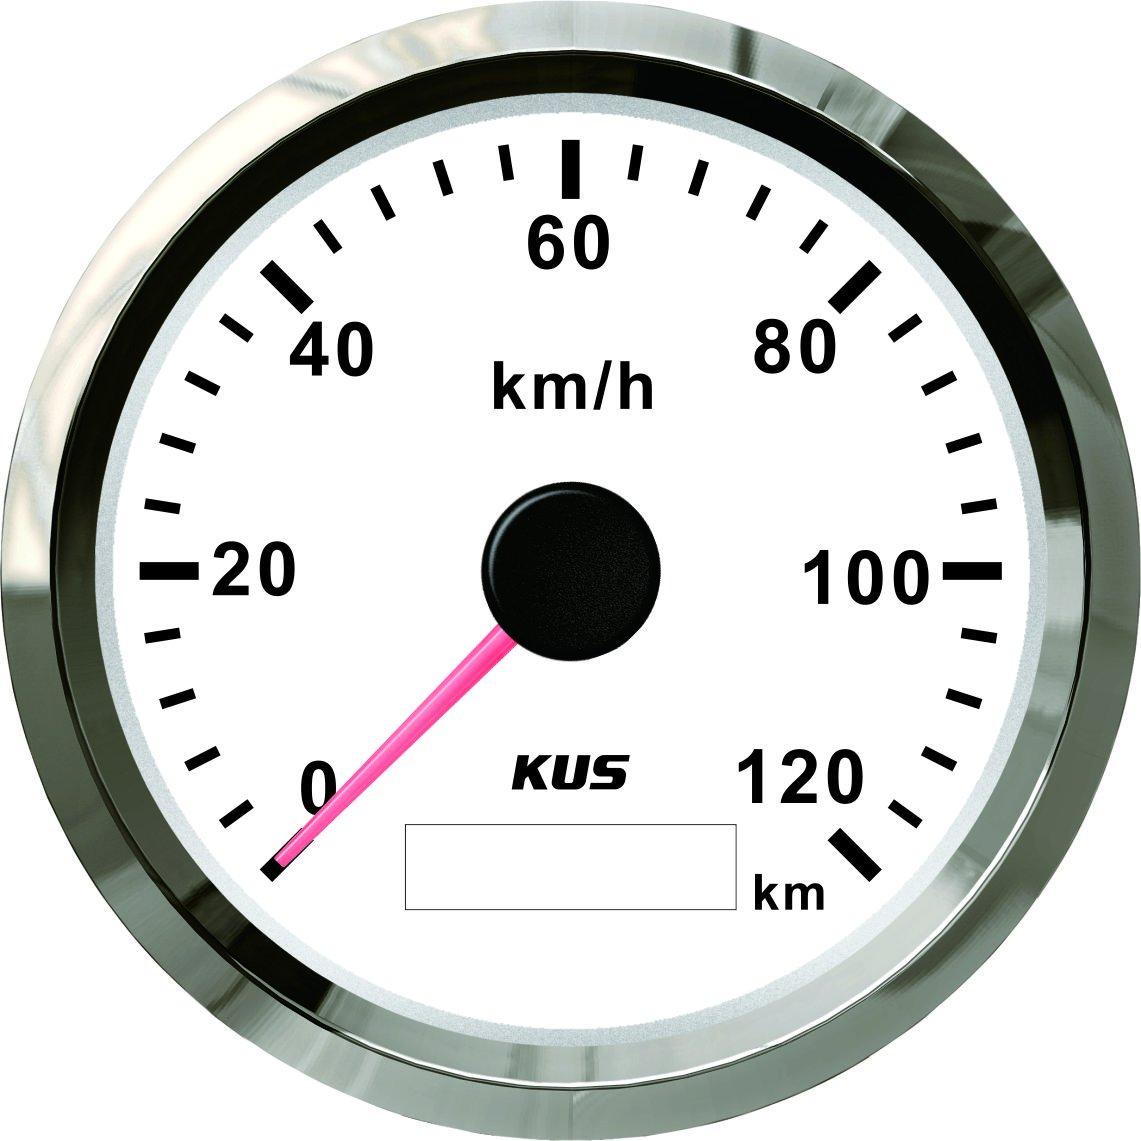 Kus Wasserdicht GPS Tacho Kilometerzä hler Gauge 120 km/h mit Hintergrundbeleuchtung fü r automatische 85 mm